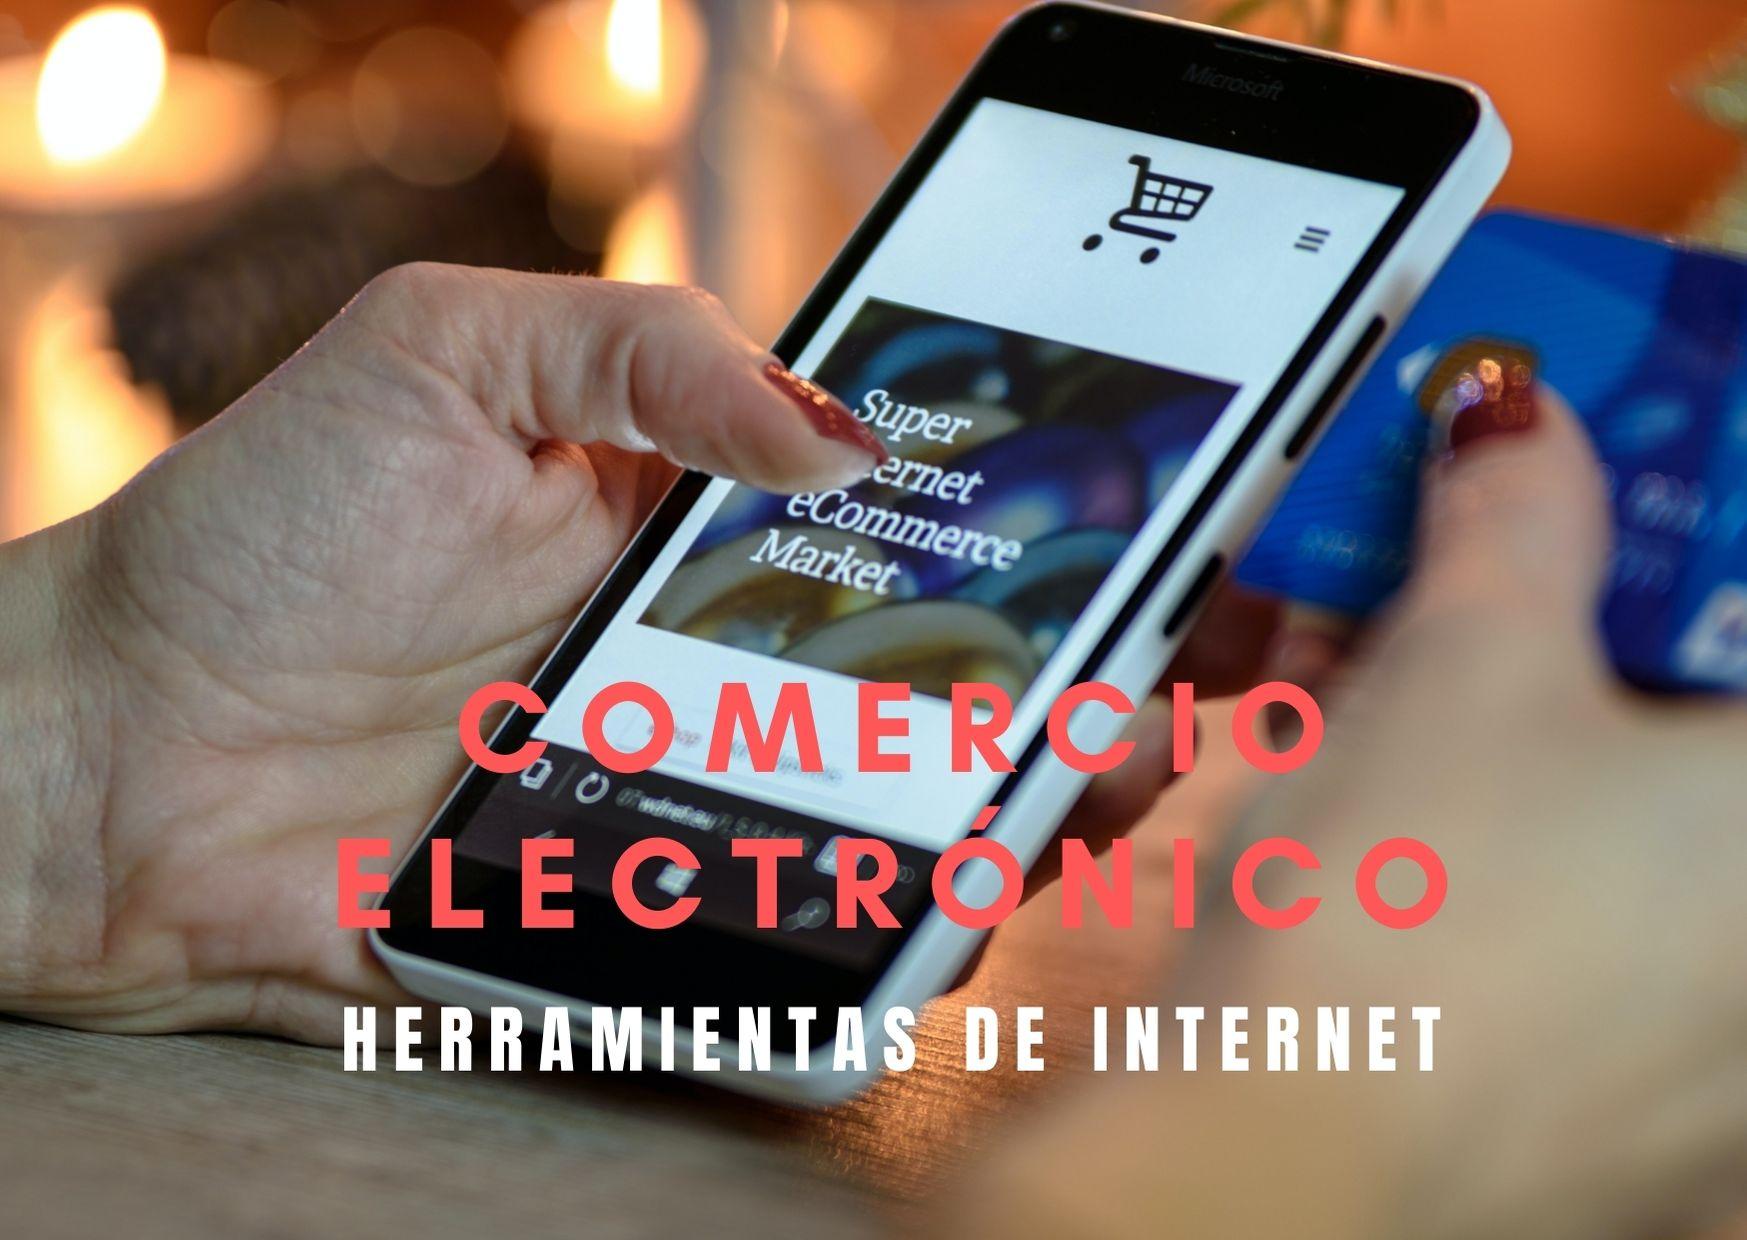 Comercio Electrónico :  herramientas de internet